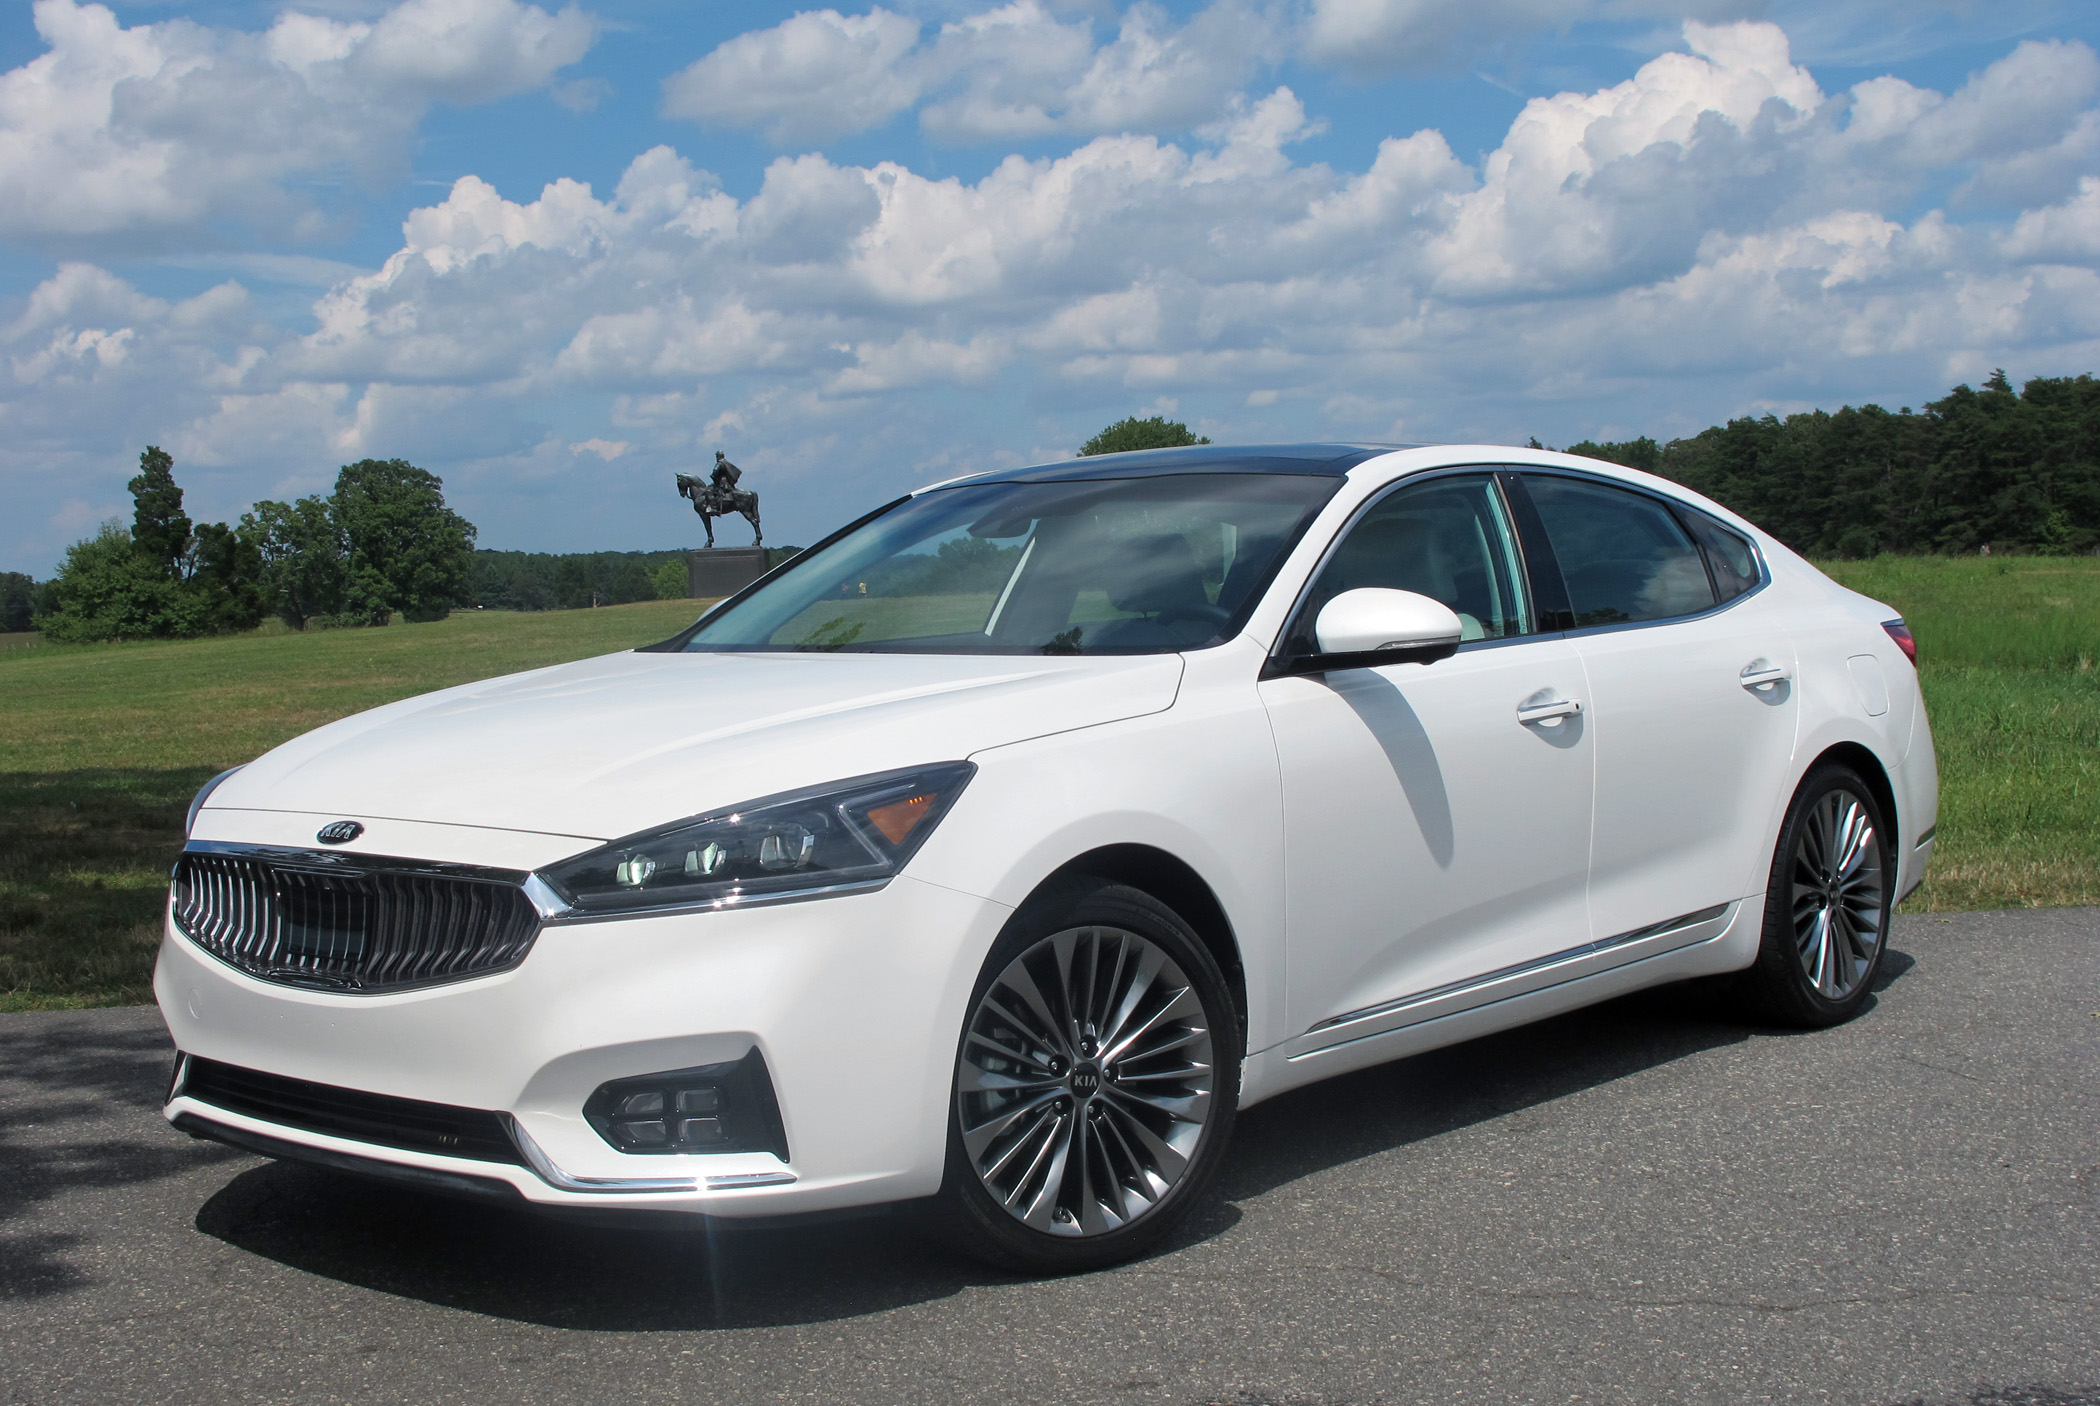 New vehicle reveal Kia Cadenza